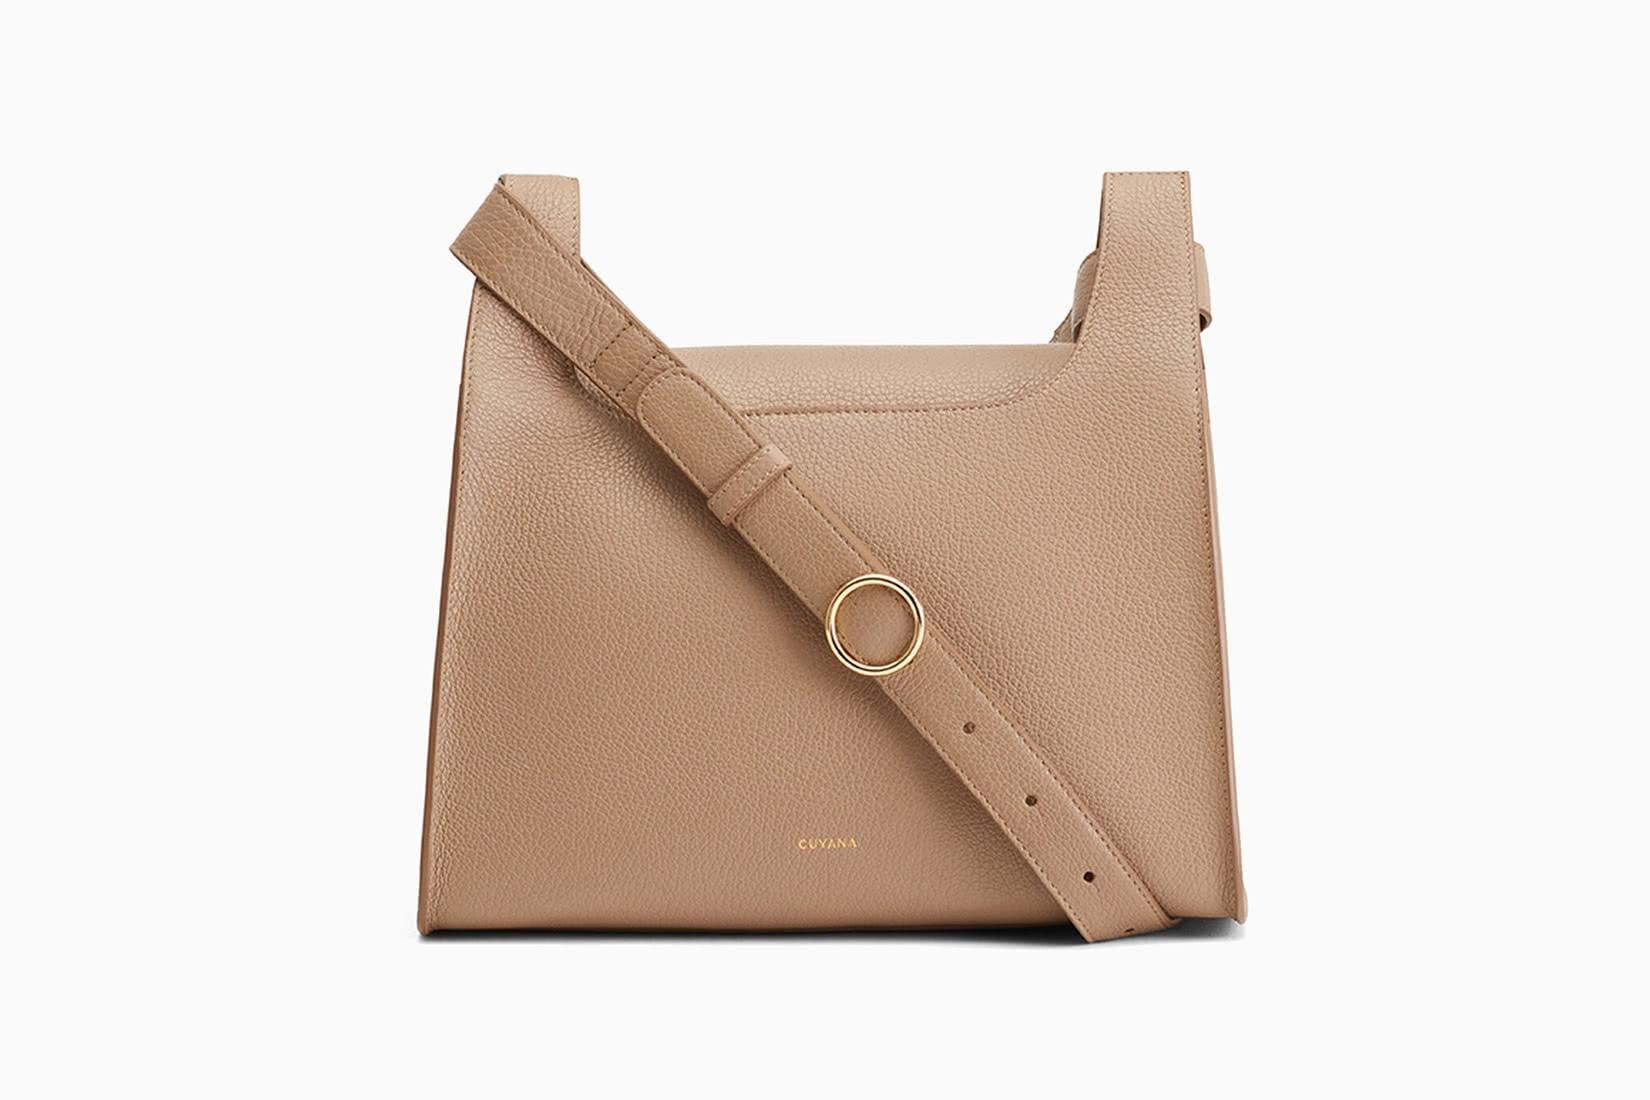 Cuyana double loop bag review - Luxe Digital